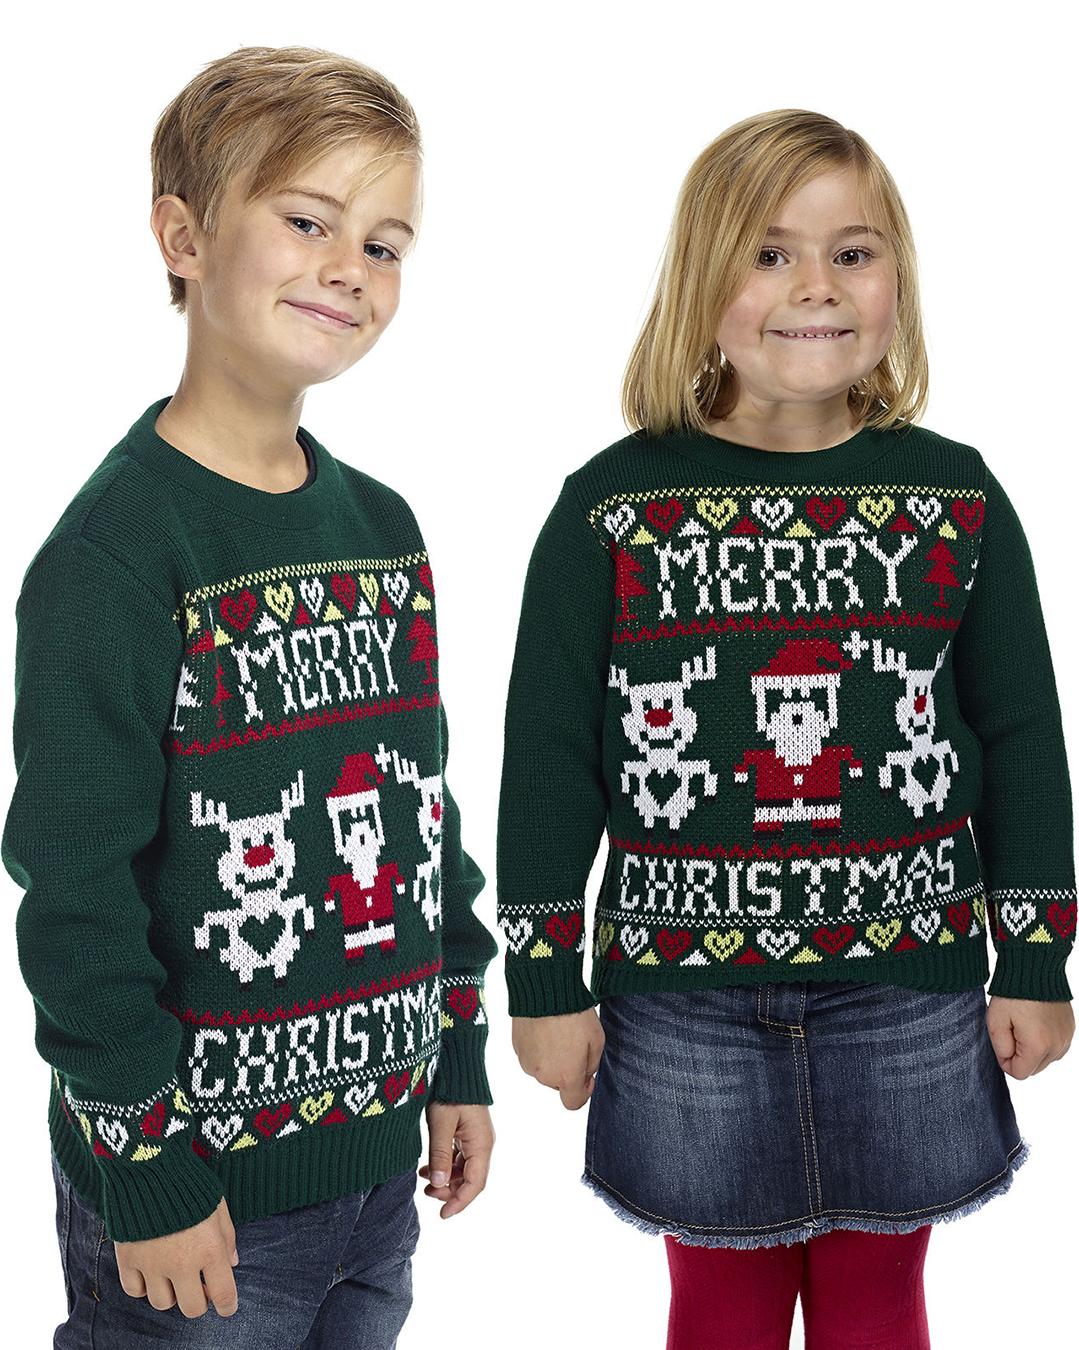 Kersttrui Voor Kinderen.Kersttrui Kinder Xmas Groen Foute Kersttrui Kopen Grootste Aanbod